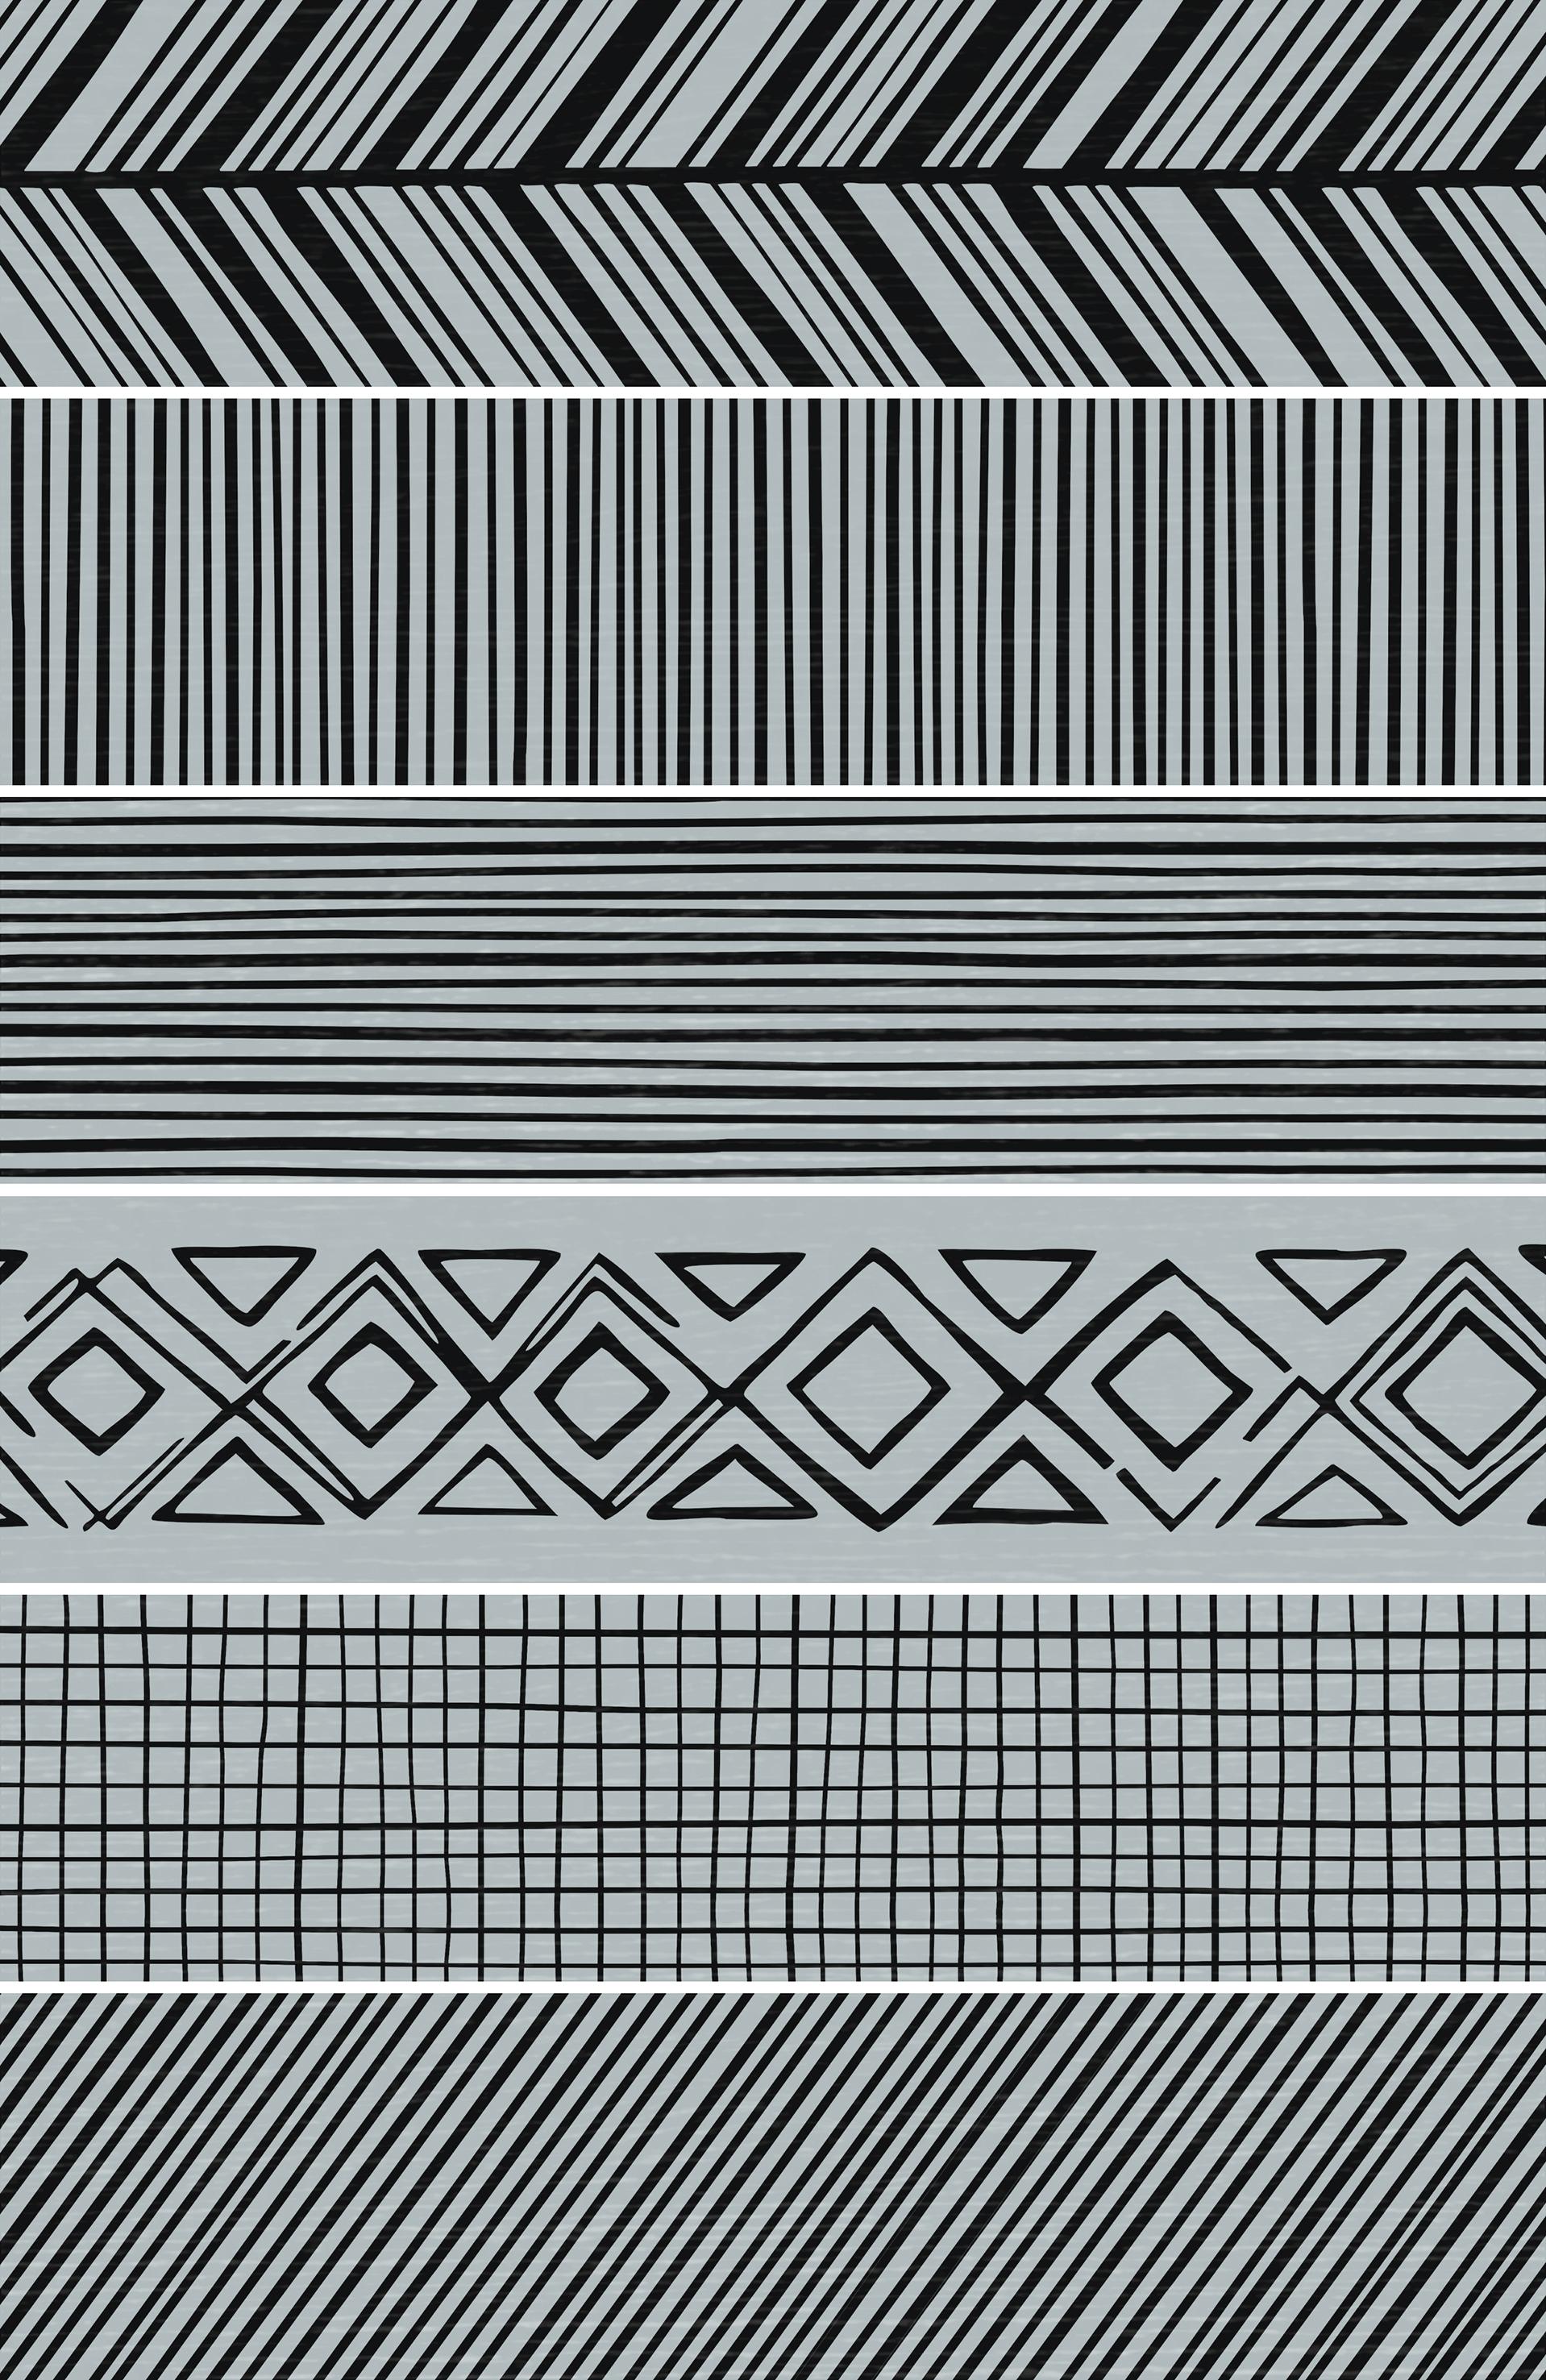 Takenos Picasso Mix Sky 14.6x59.3 cm  Floor & Wall tile/ Porcelain / Matt/ random design